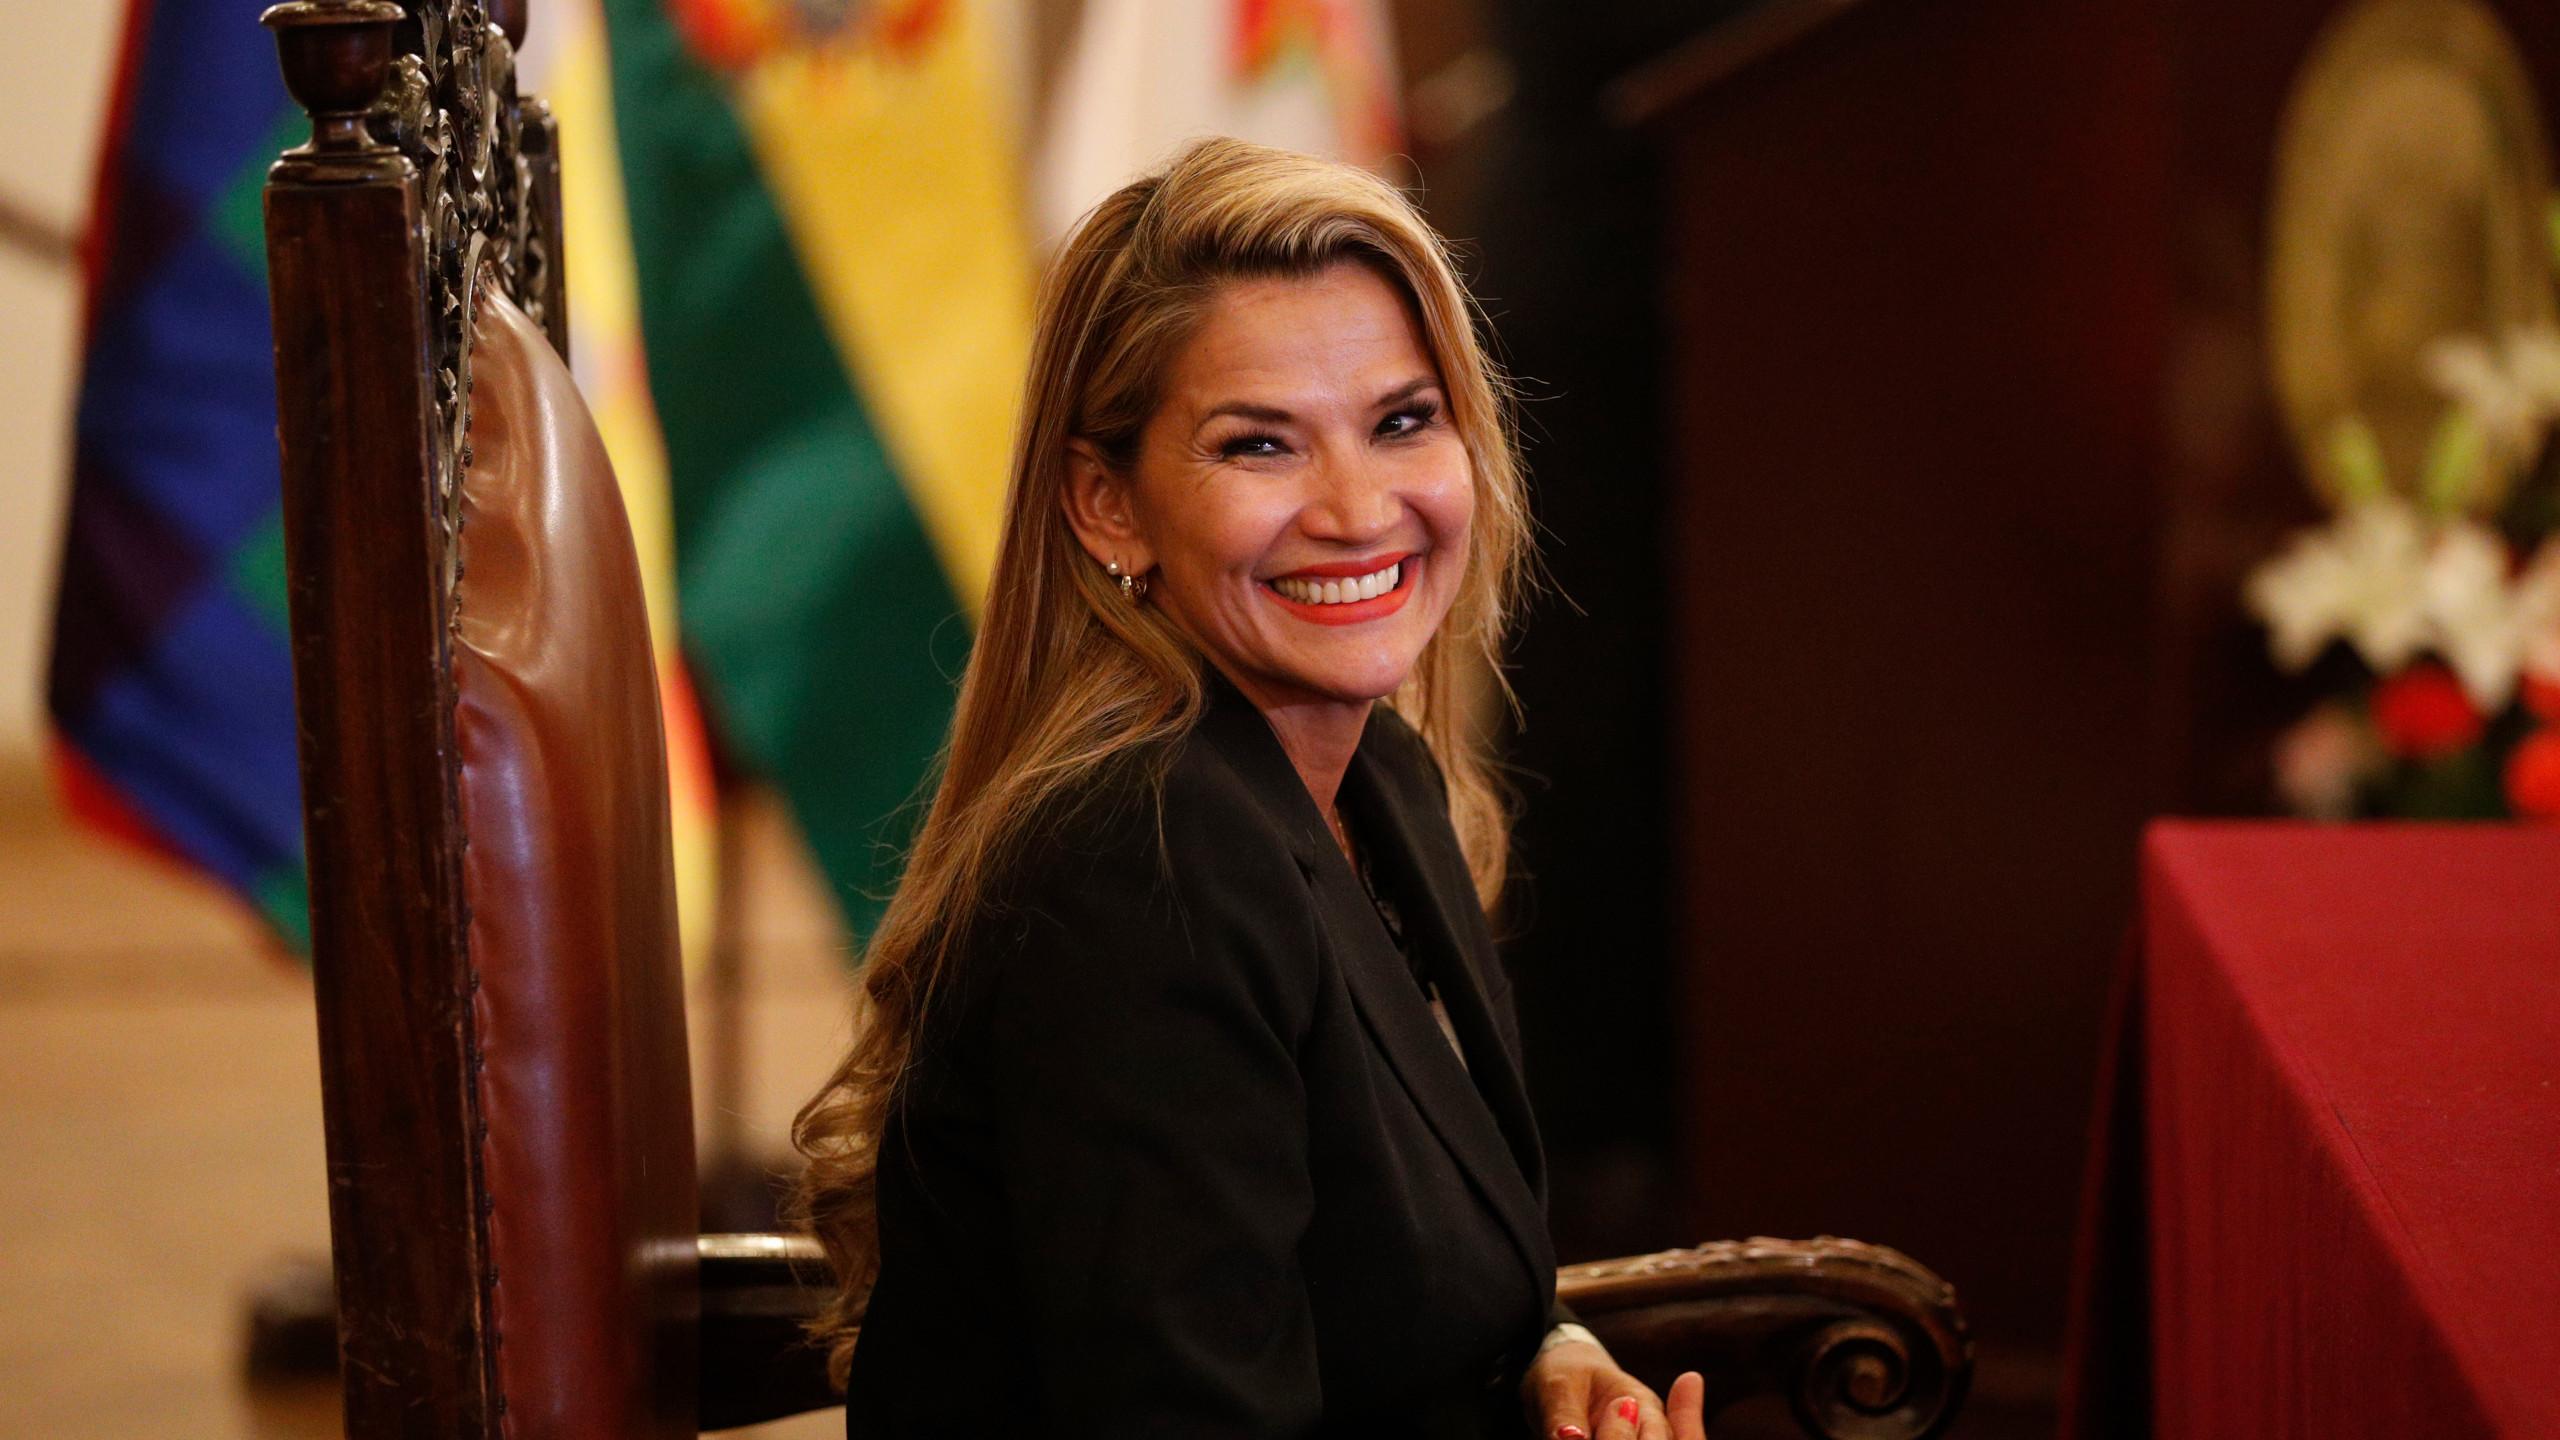 رئيسة بوليفيا المؤقتة تلتقى المبعوث الأممى لبحث الأزمة السياسية بالبلاد